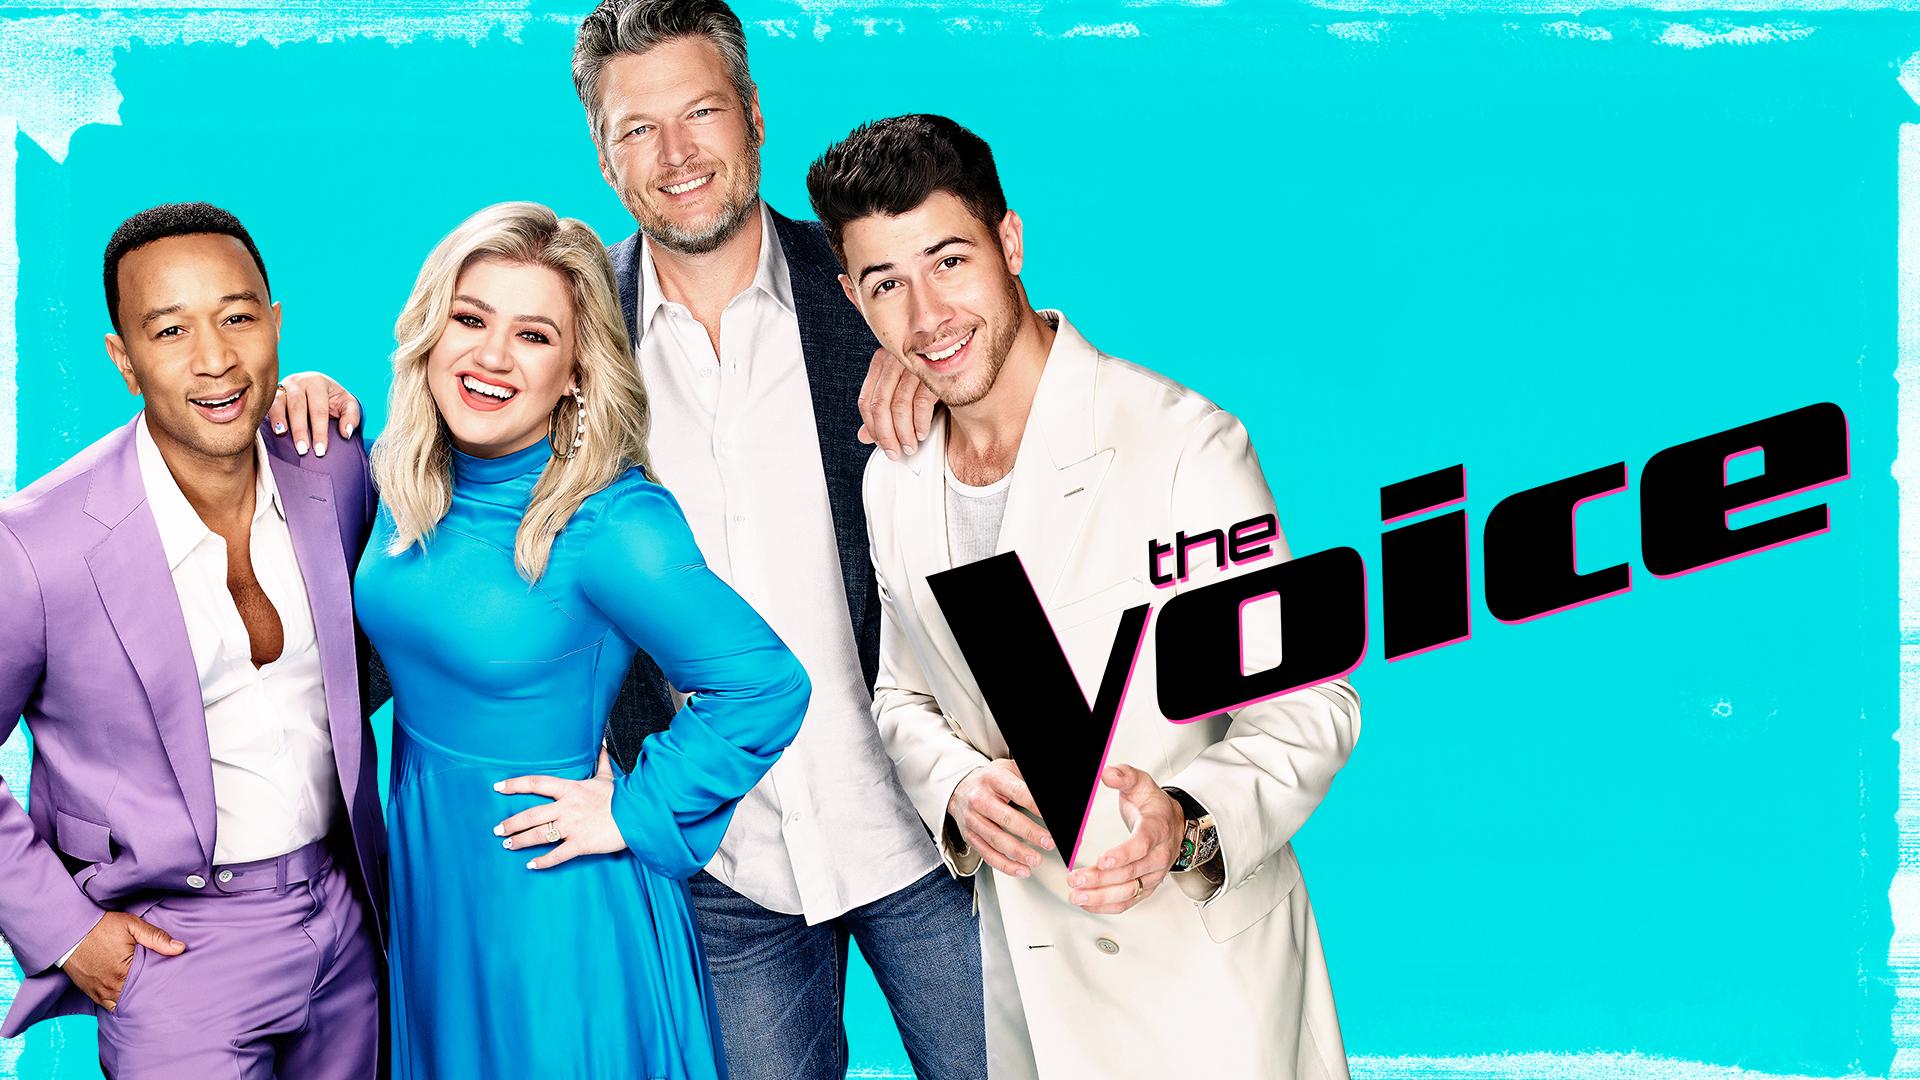 The Voice Season 18 Episode 11